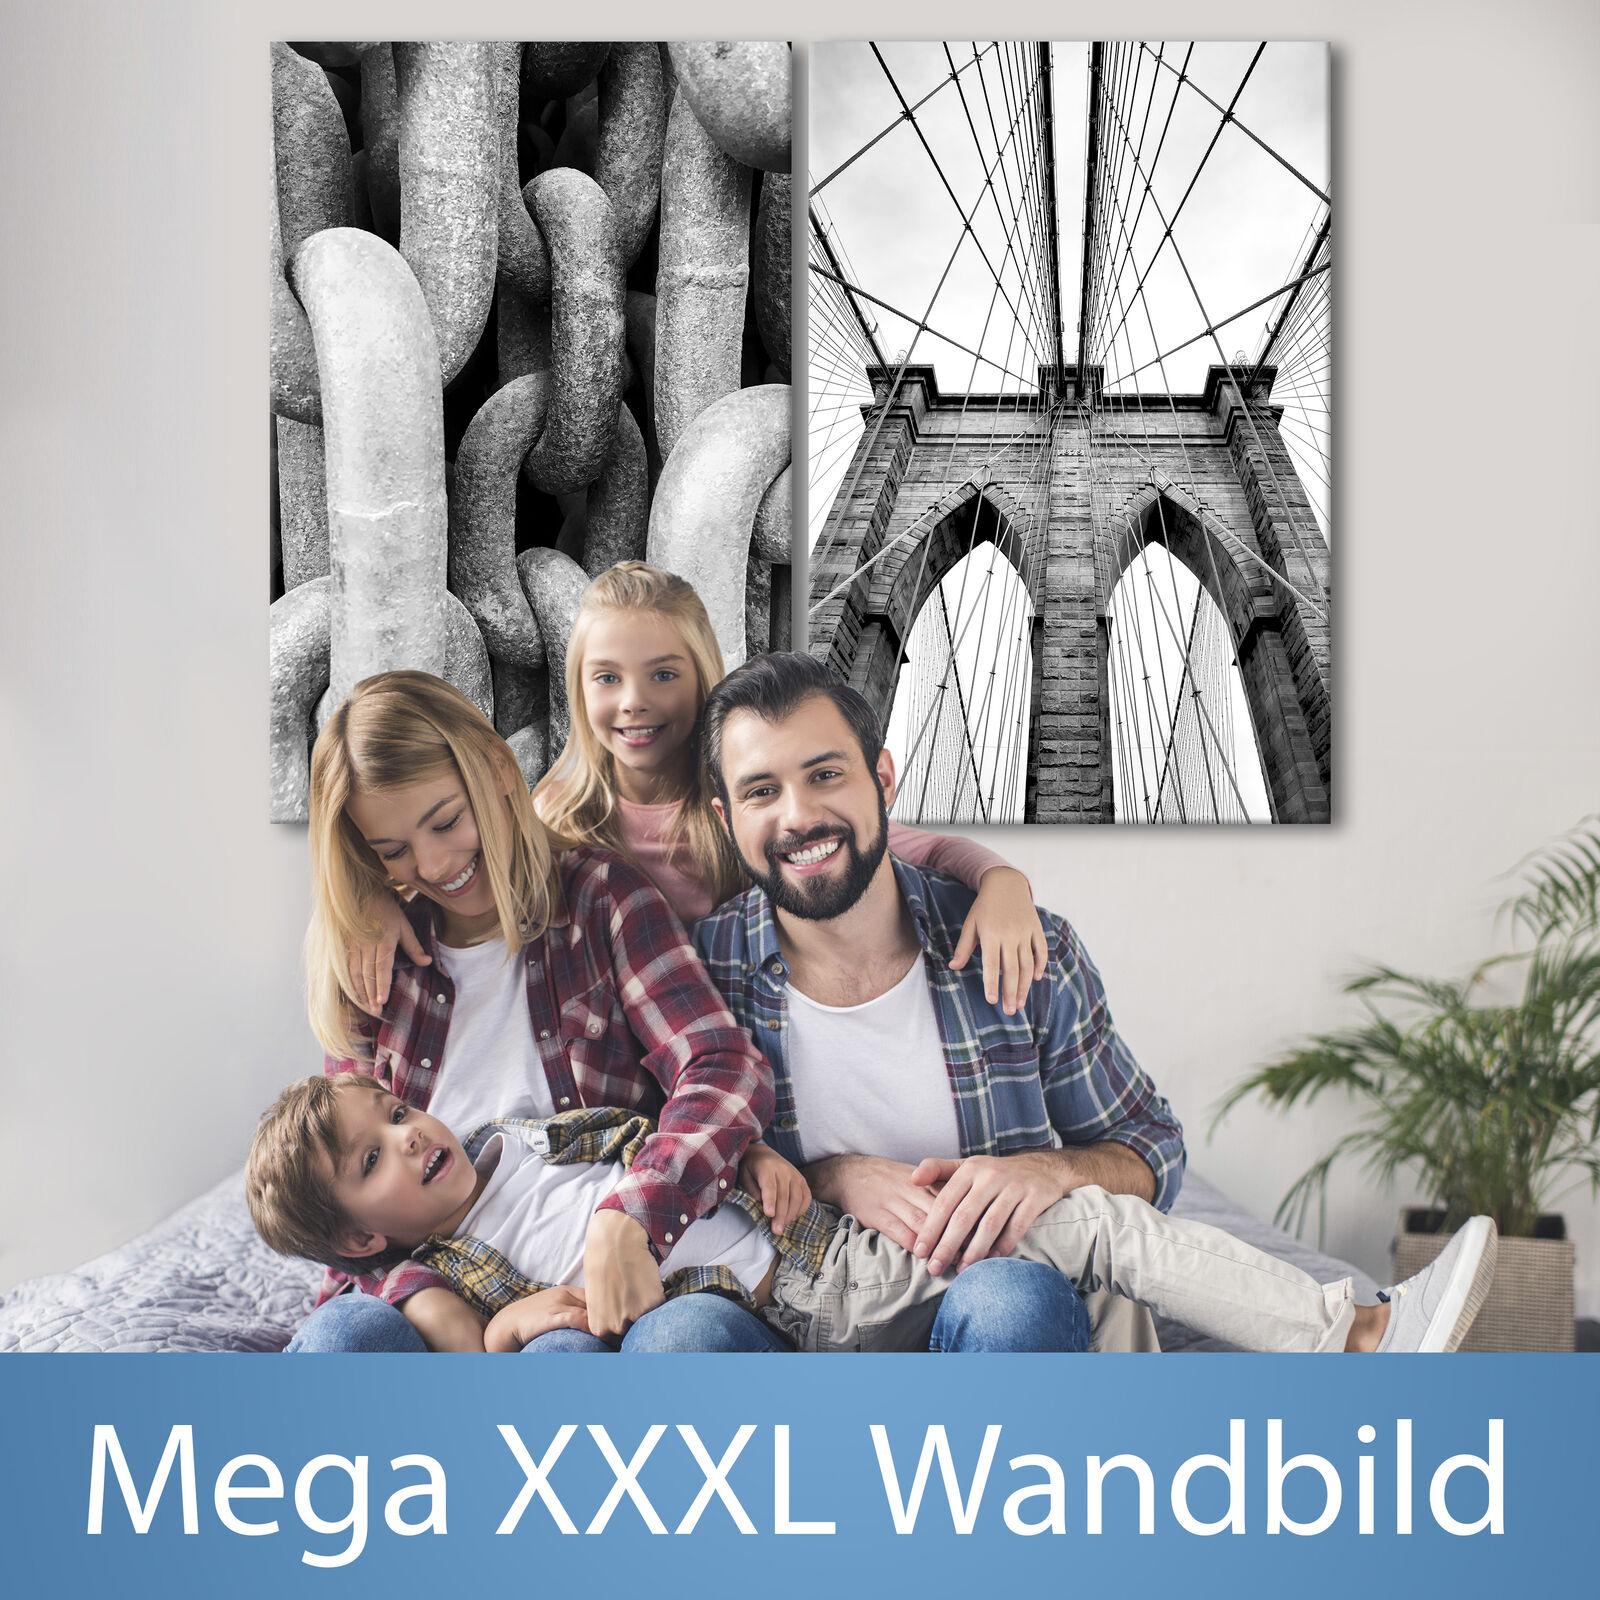 XXXL la fresque 120x90 géant format TOILE NOIR BLANC CANVAS n-b-0045-ak-z